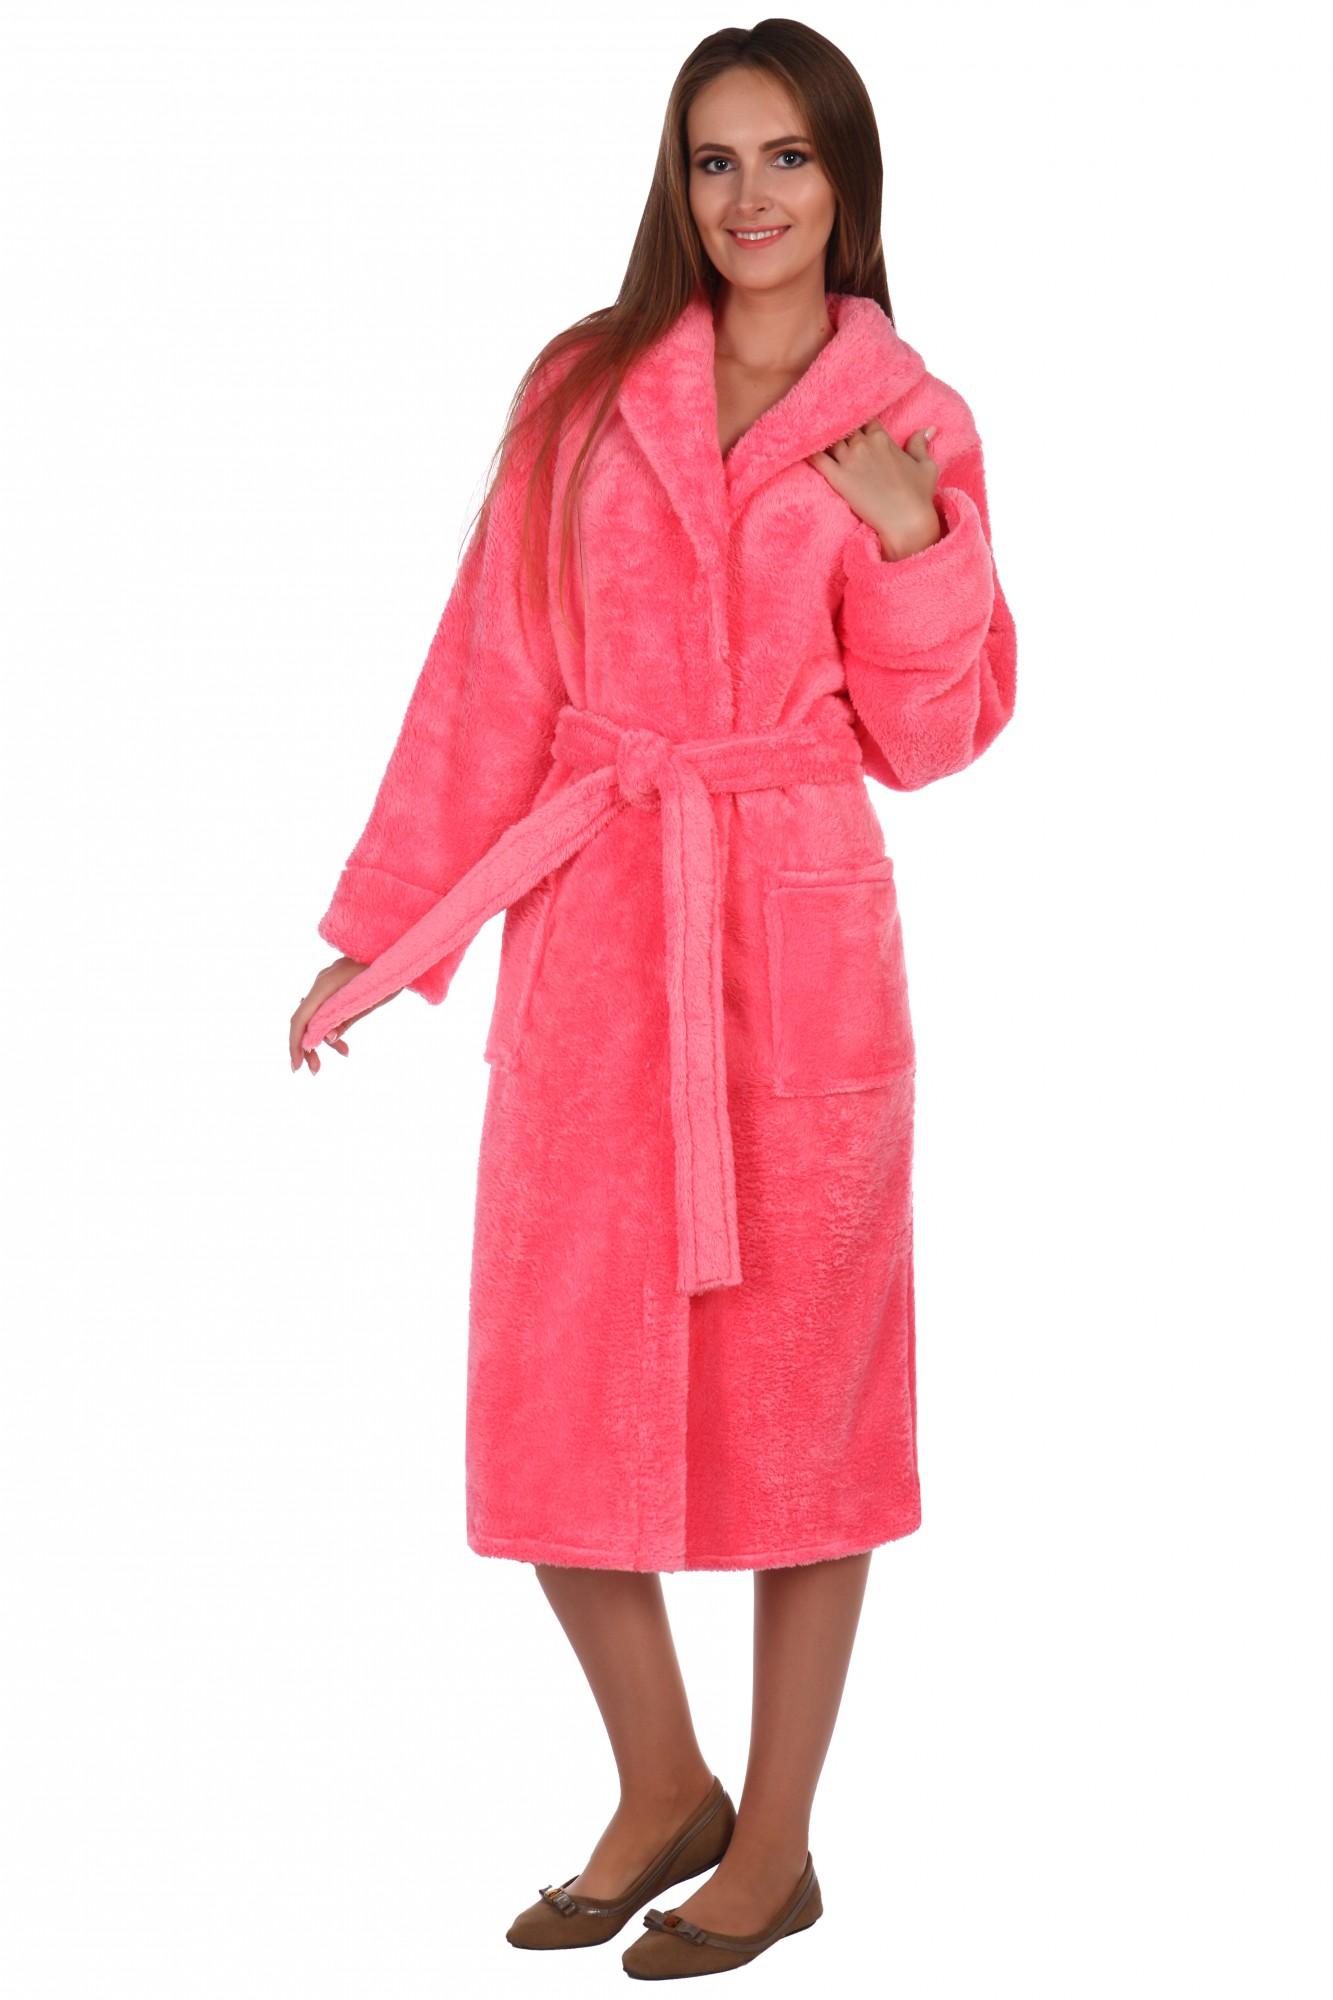 купить халат в москве